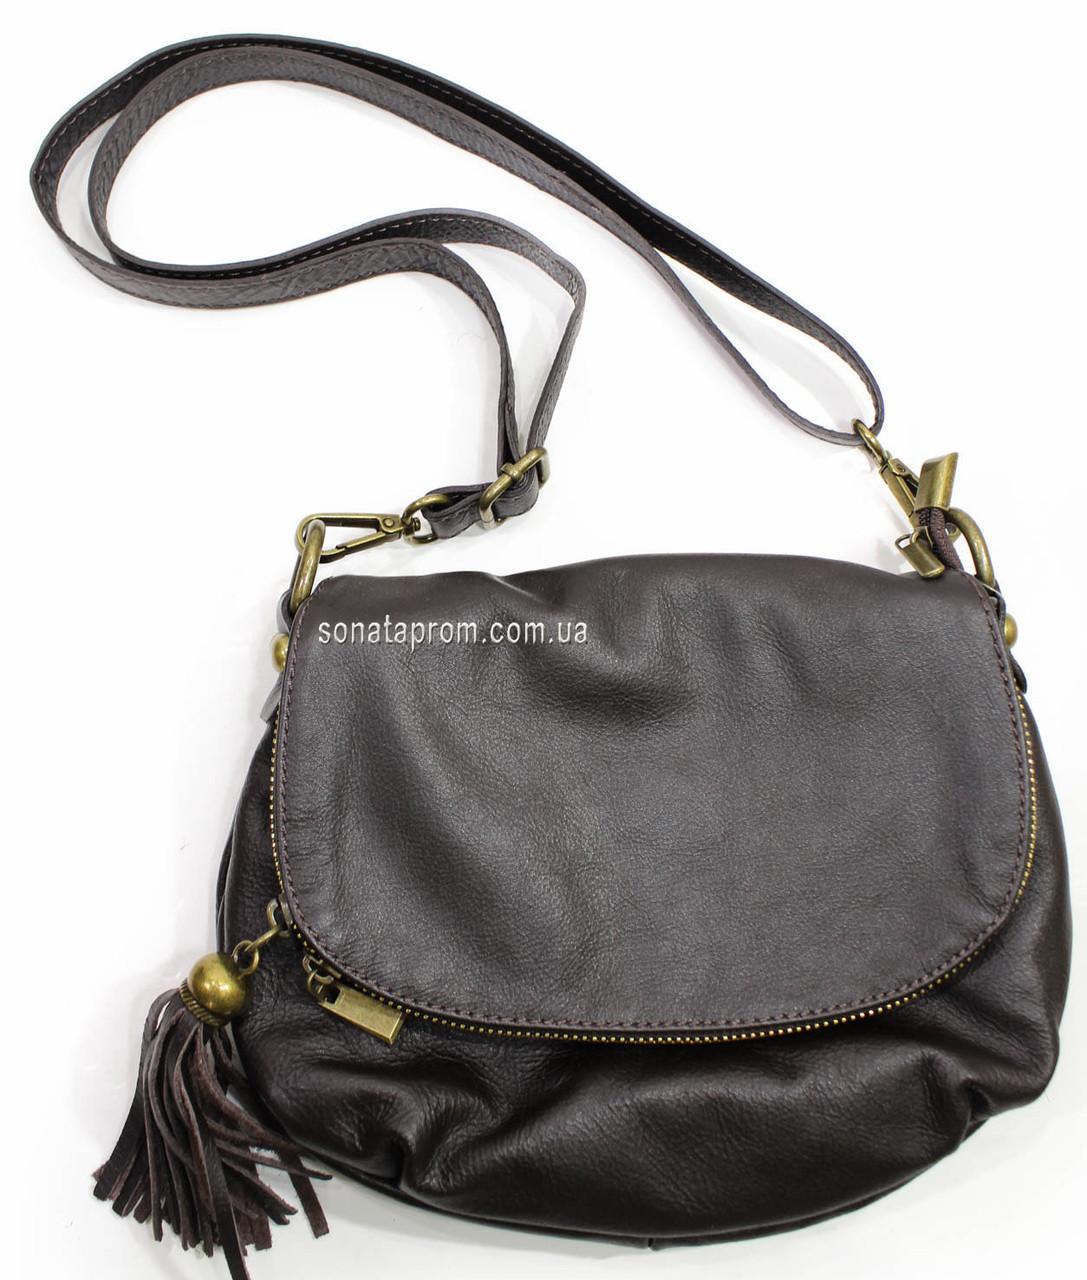 fbabb80f8dc5 Женская сумка на плечо небольшая кожаная, цена 1 389 грн., купить в ...